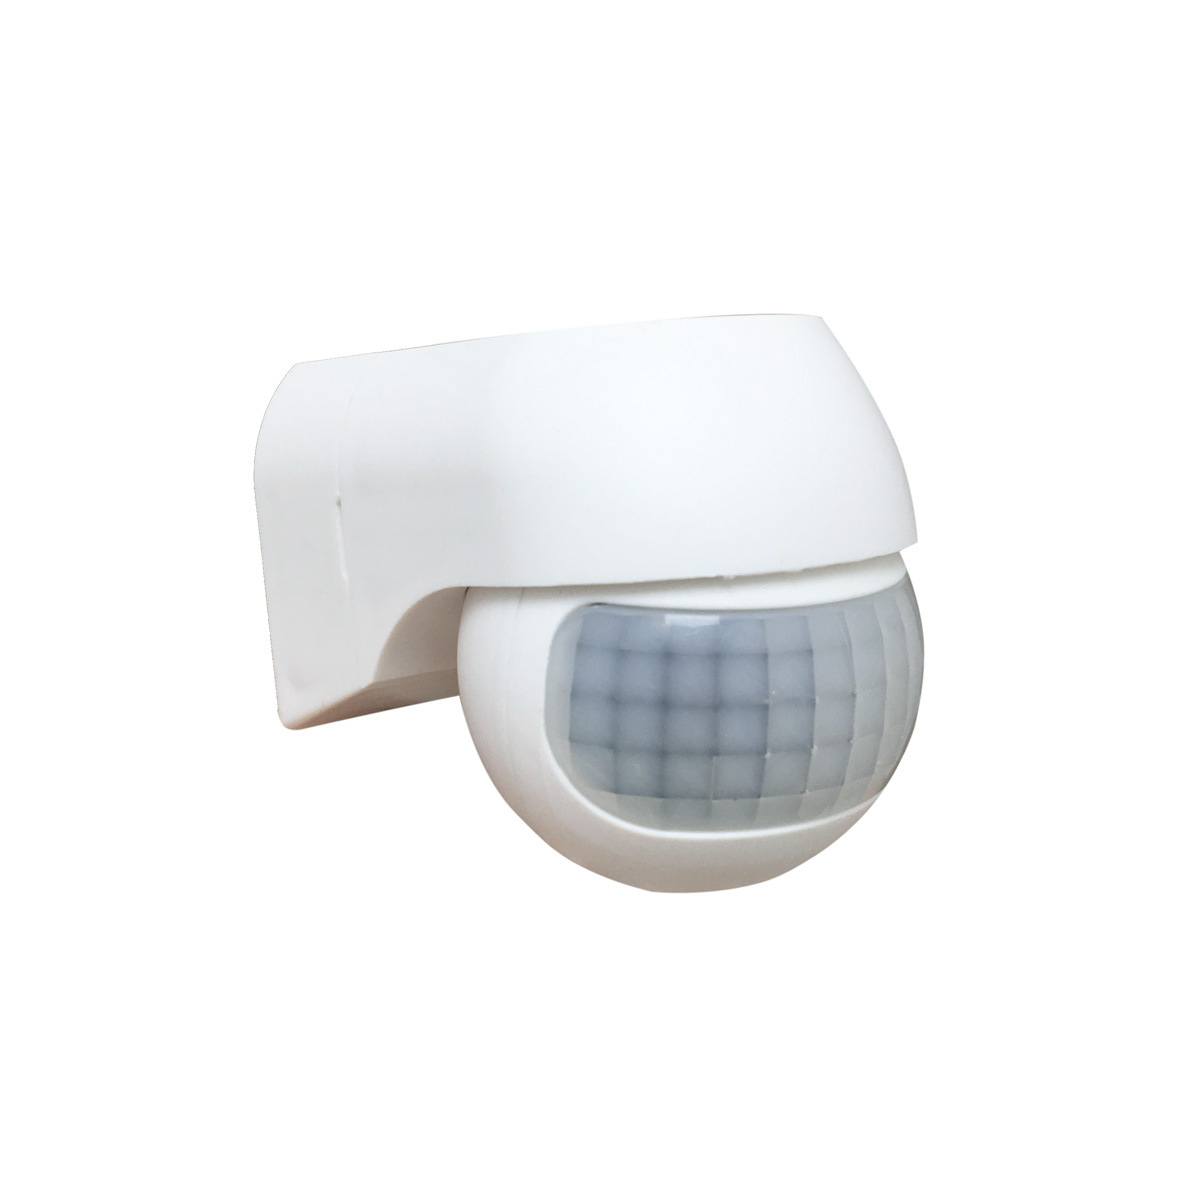 Rilevatore Di Presenza Per Accensione Luci.Sen 10 Offerte Sensori Movimento Infrarosso Silamp Sensore